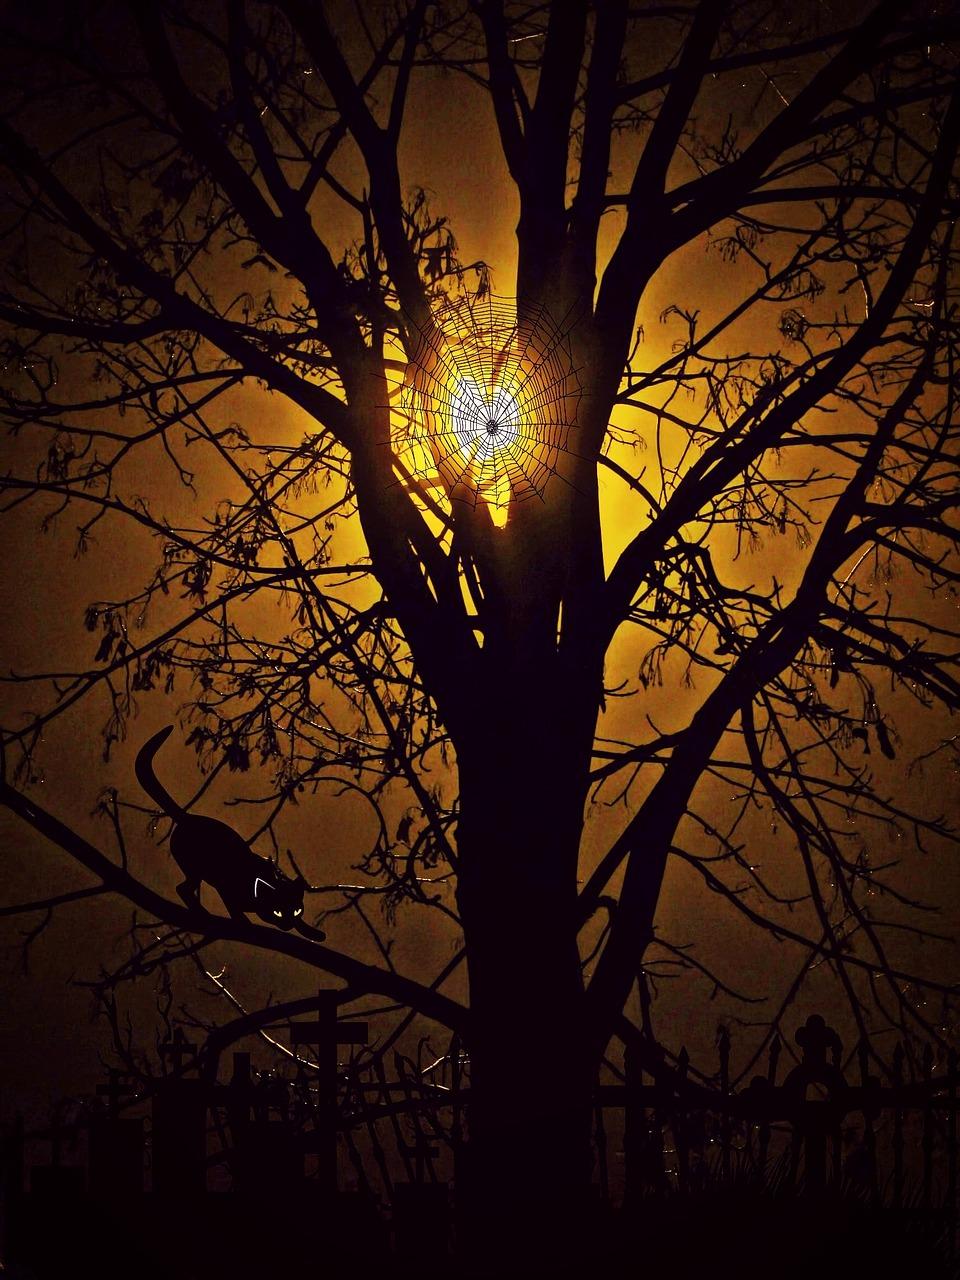 картинки деревьев ночью минимализм изысканные праздничные